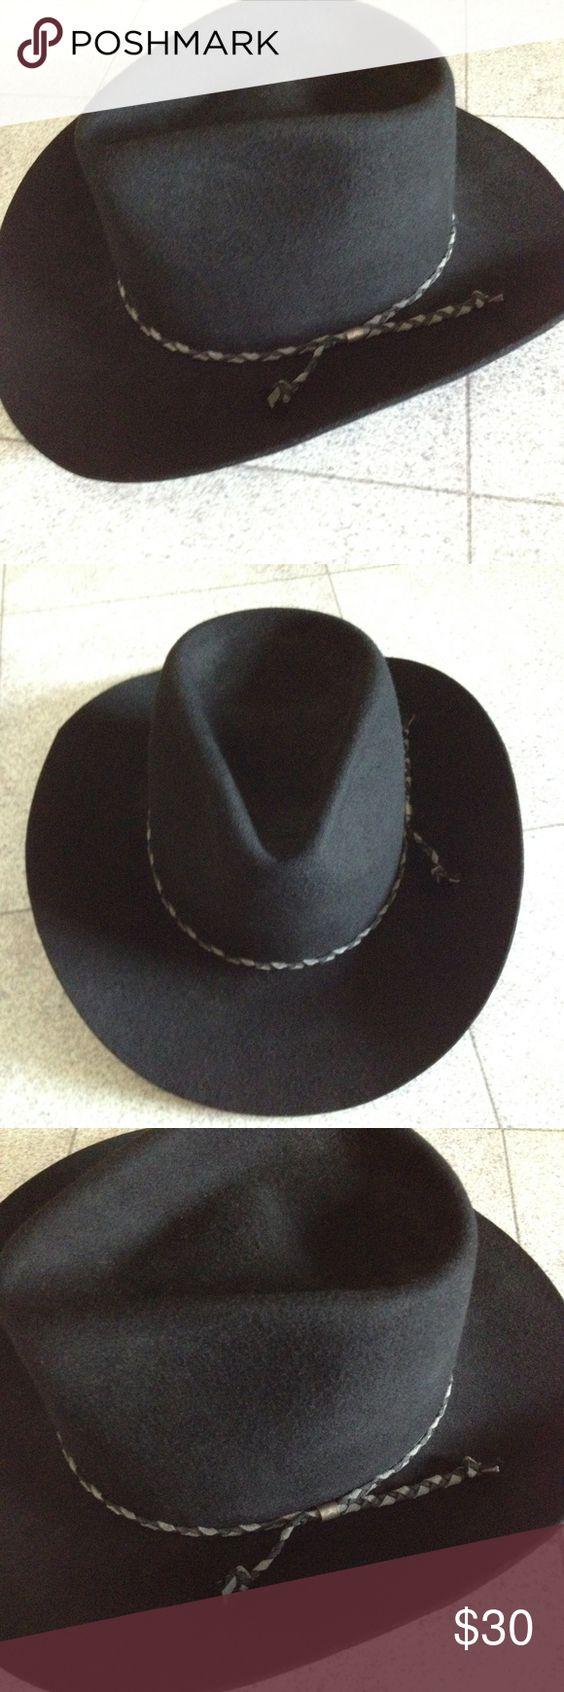 """**Host Pick**Bronco Black Wool Western Cowboy Hat 100% Virgin Wool. 5"""" crown. Lined. Gently worn. Bronco Mister-Felt Accessories Hats"""